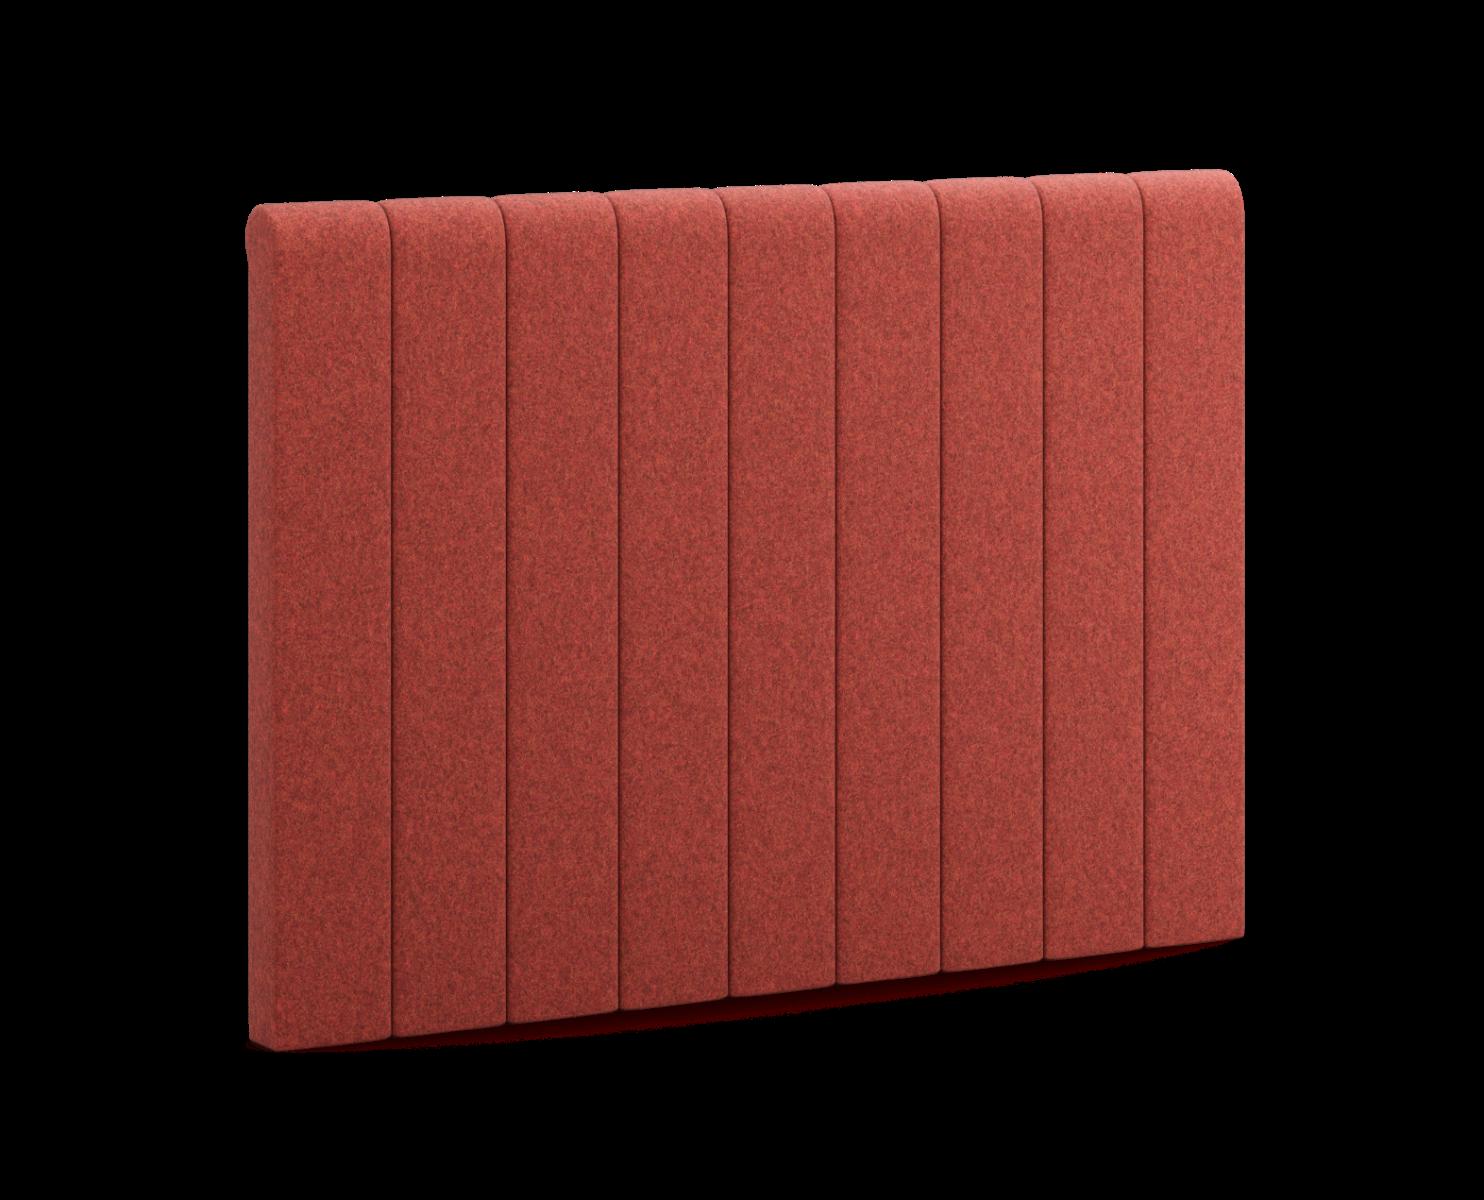 Køb Ovia Regal - 180x130x10 Rust